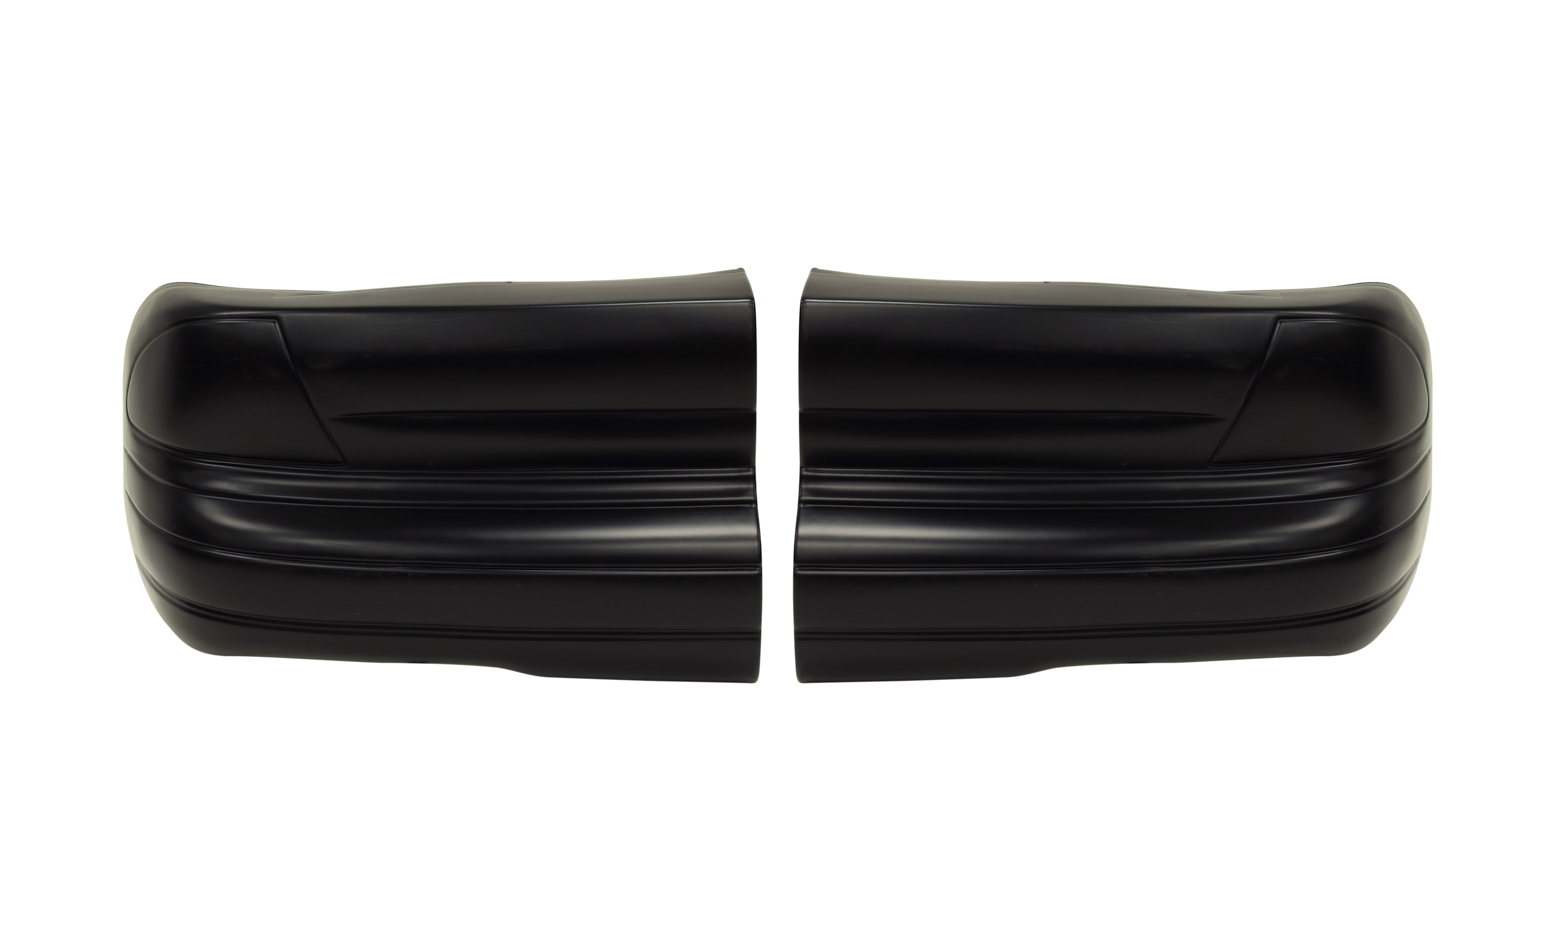 Fivestar 99 Monte Carlo Bumper Cover Black Plastic Rear